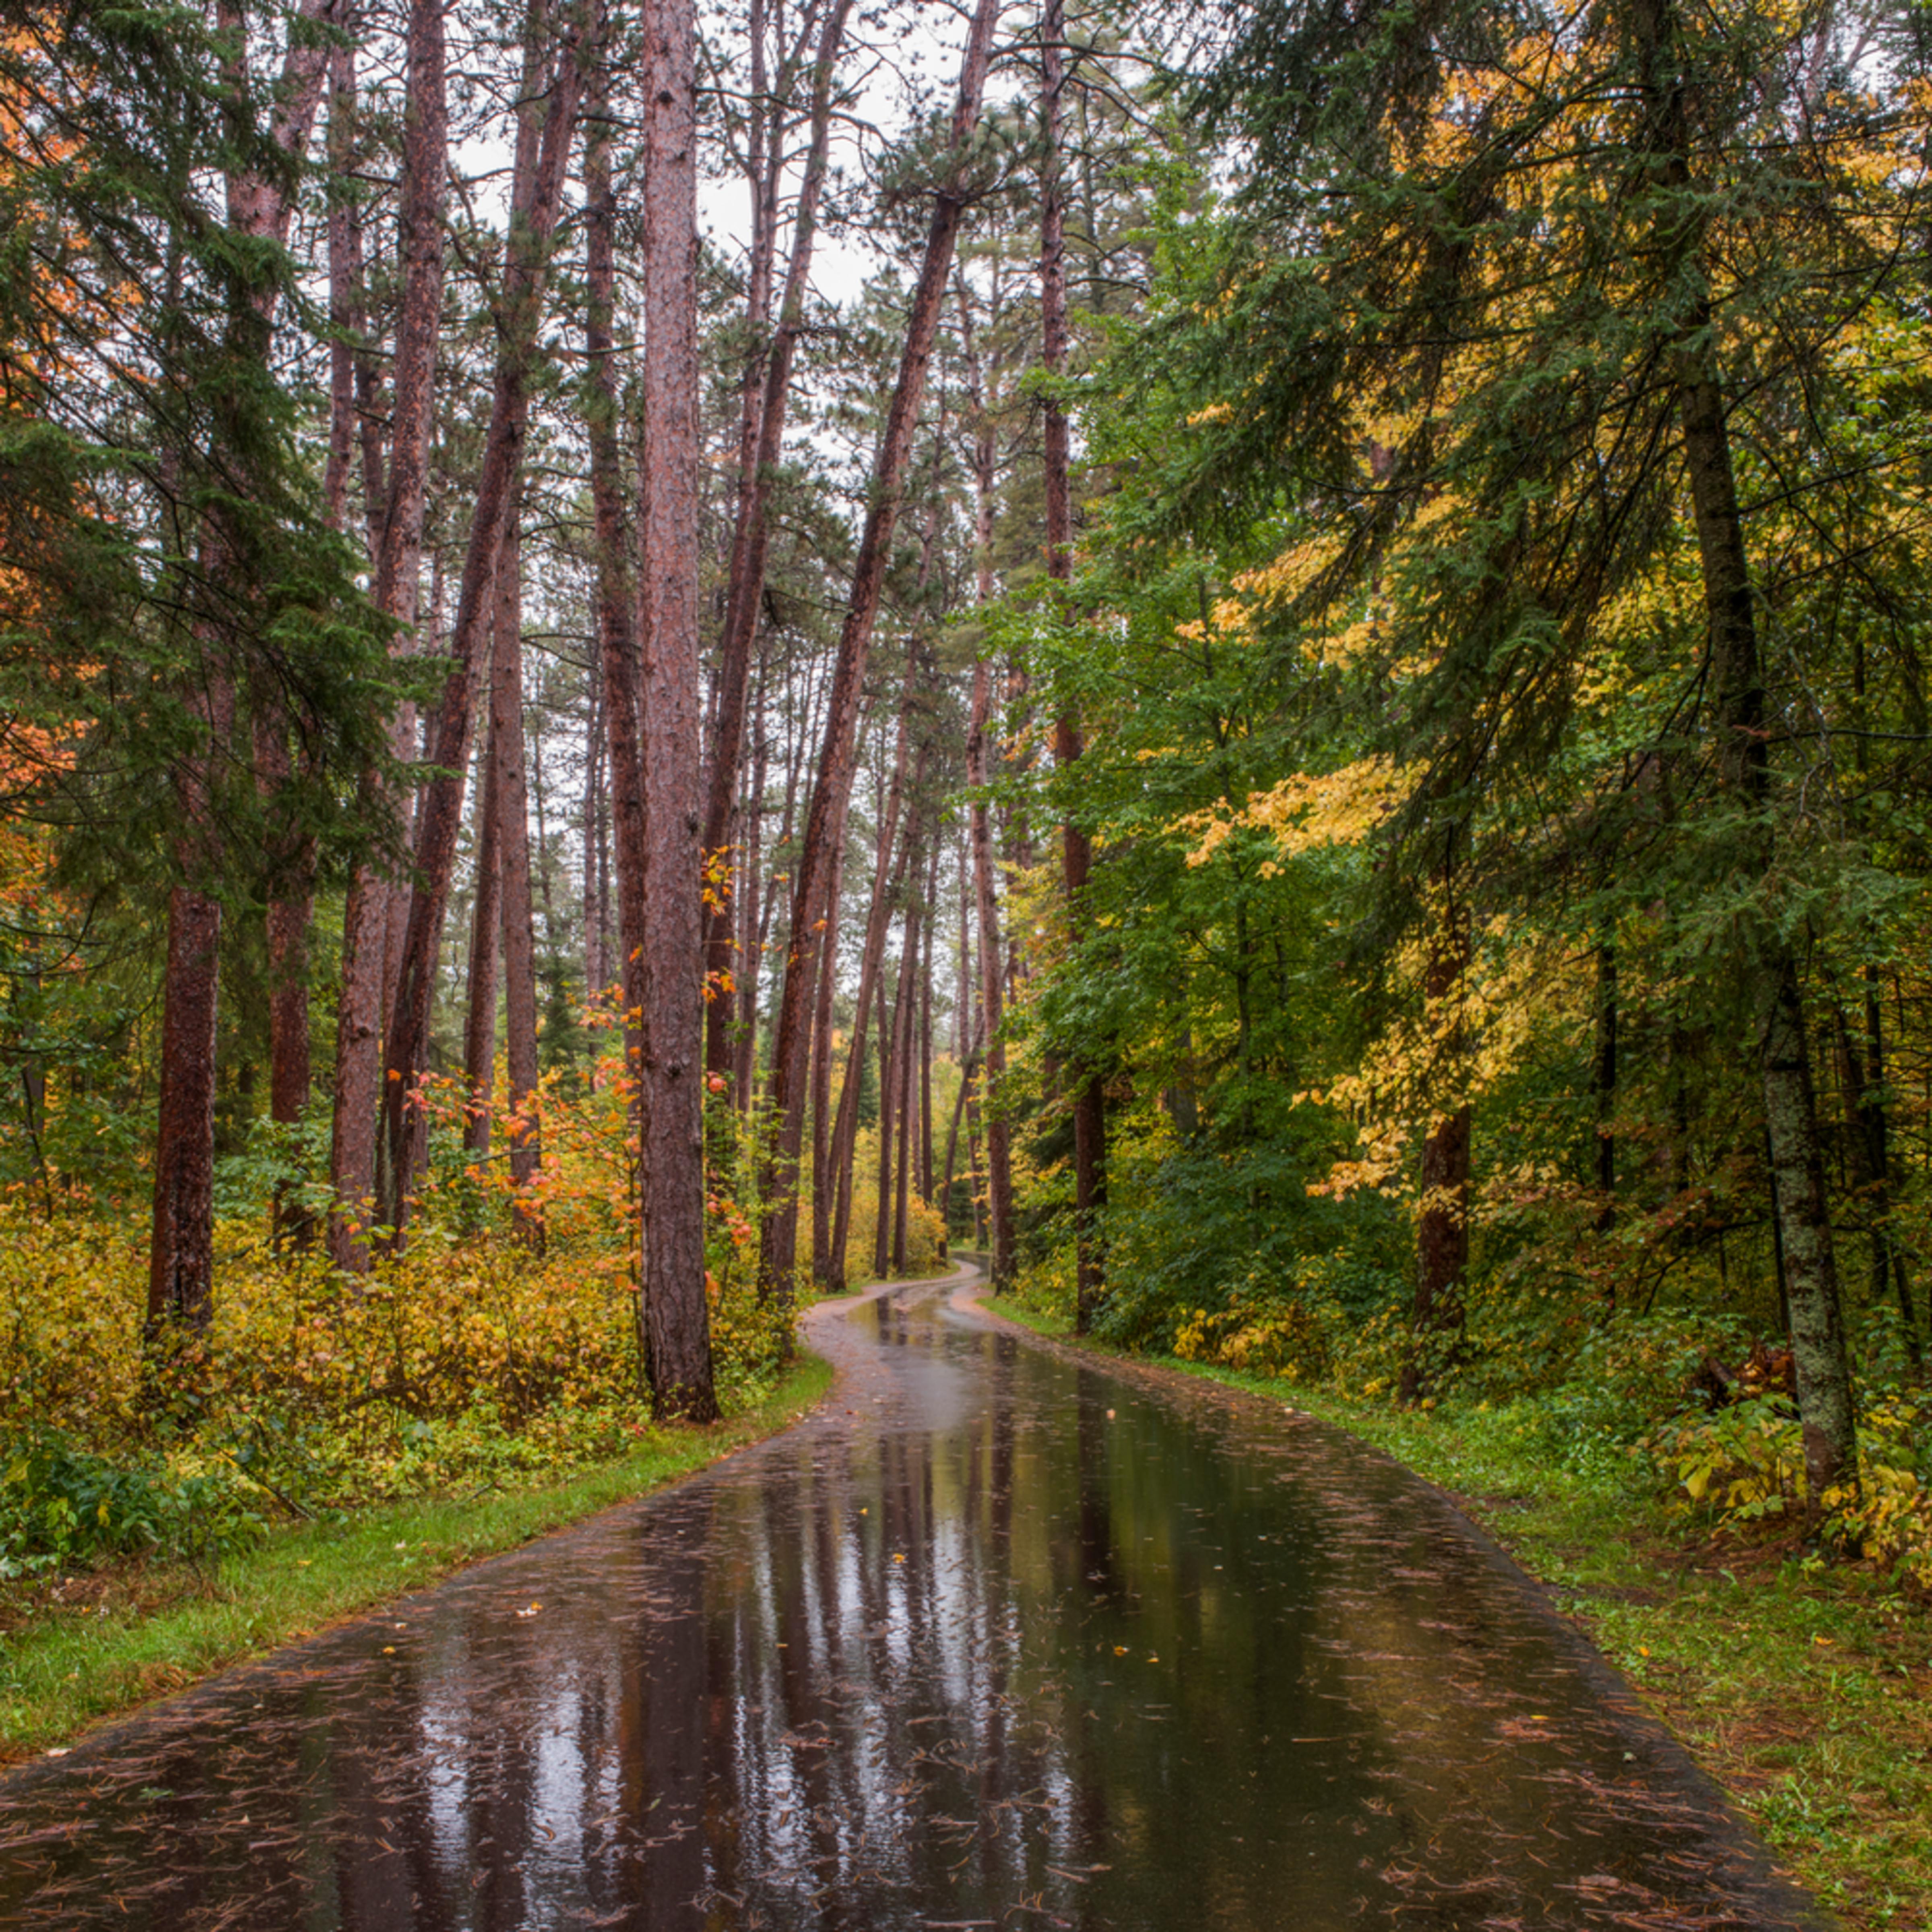 Dp621 rainy wilderness drive kfq3x3